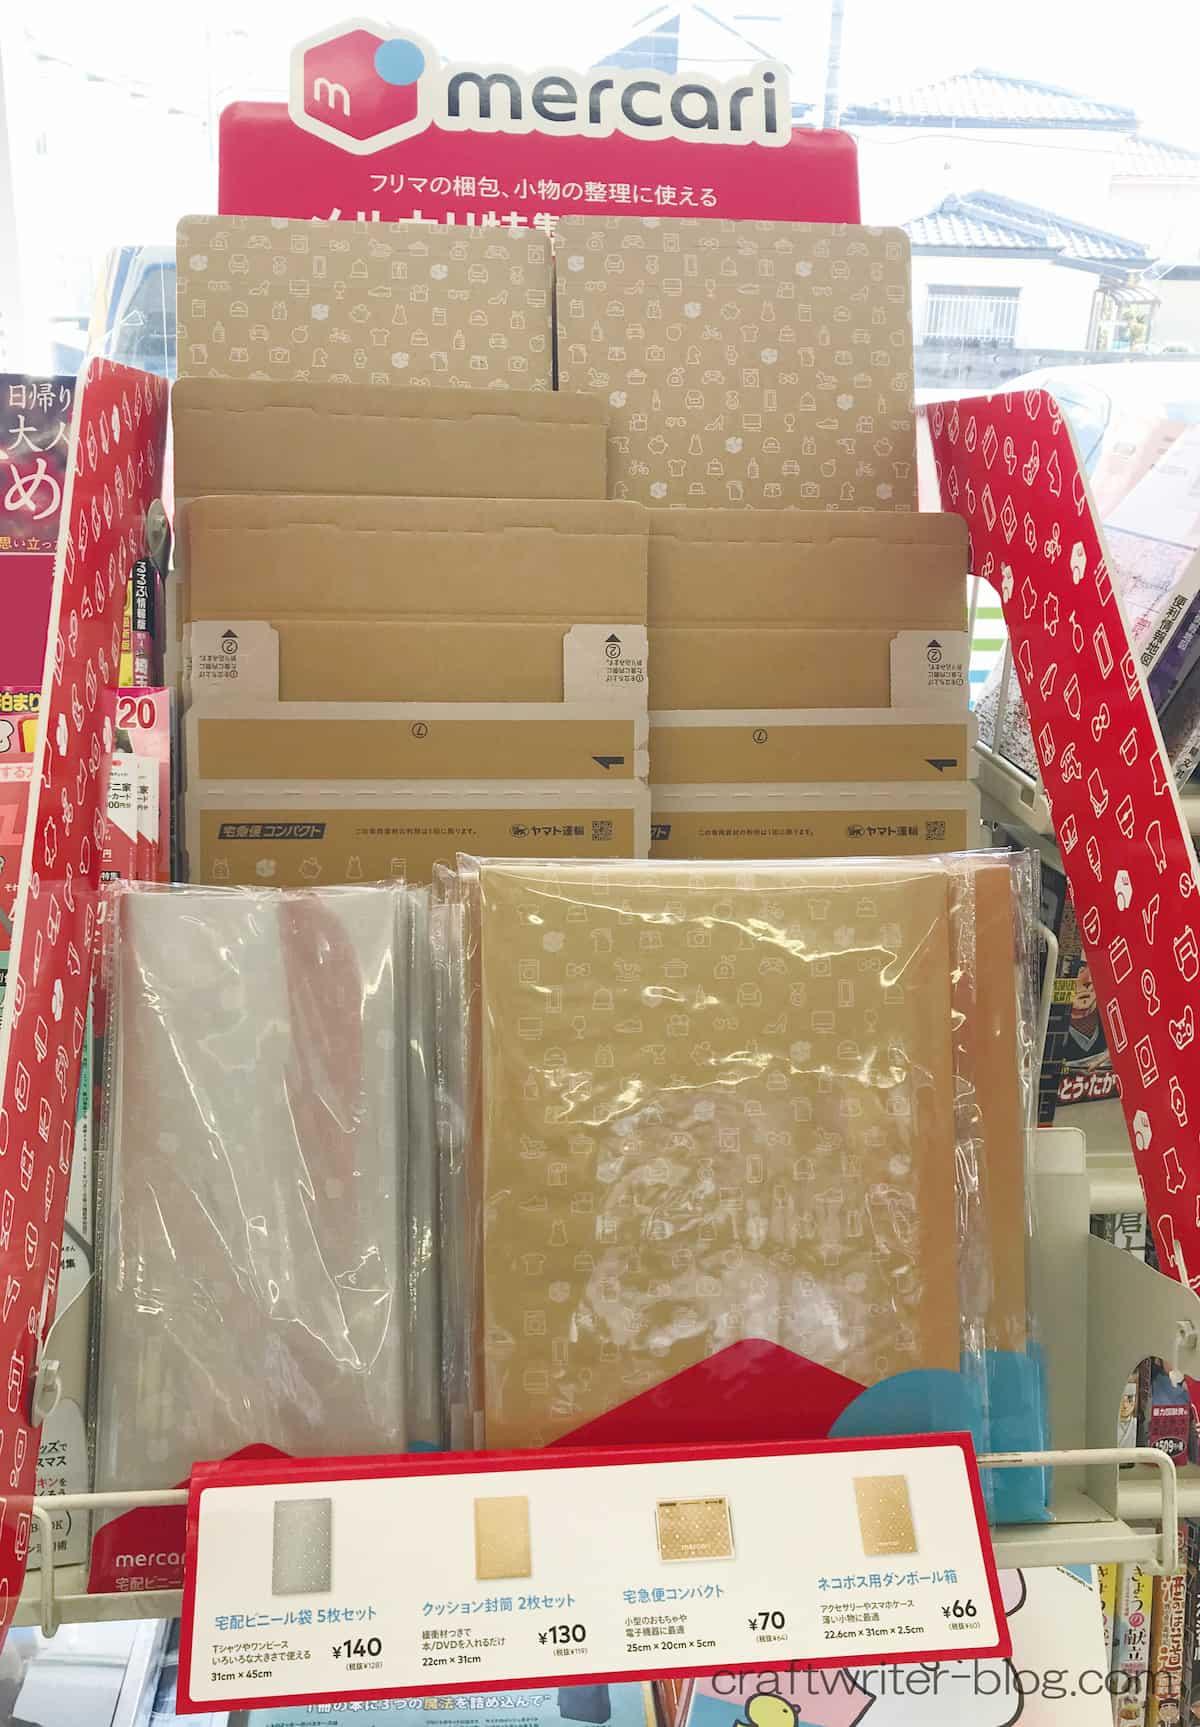 ファミマのメルカリ梱包材の販売コーナー